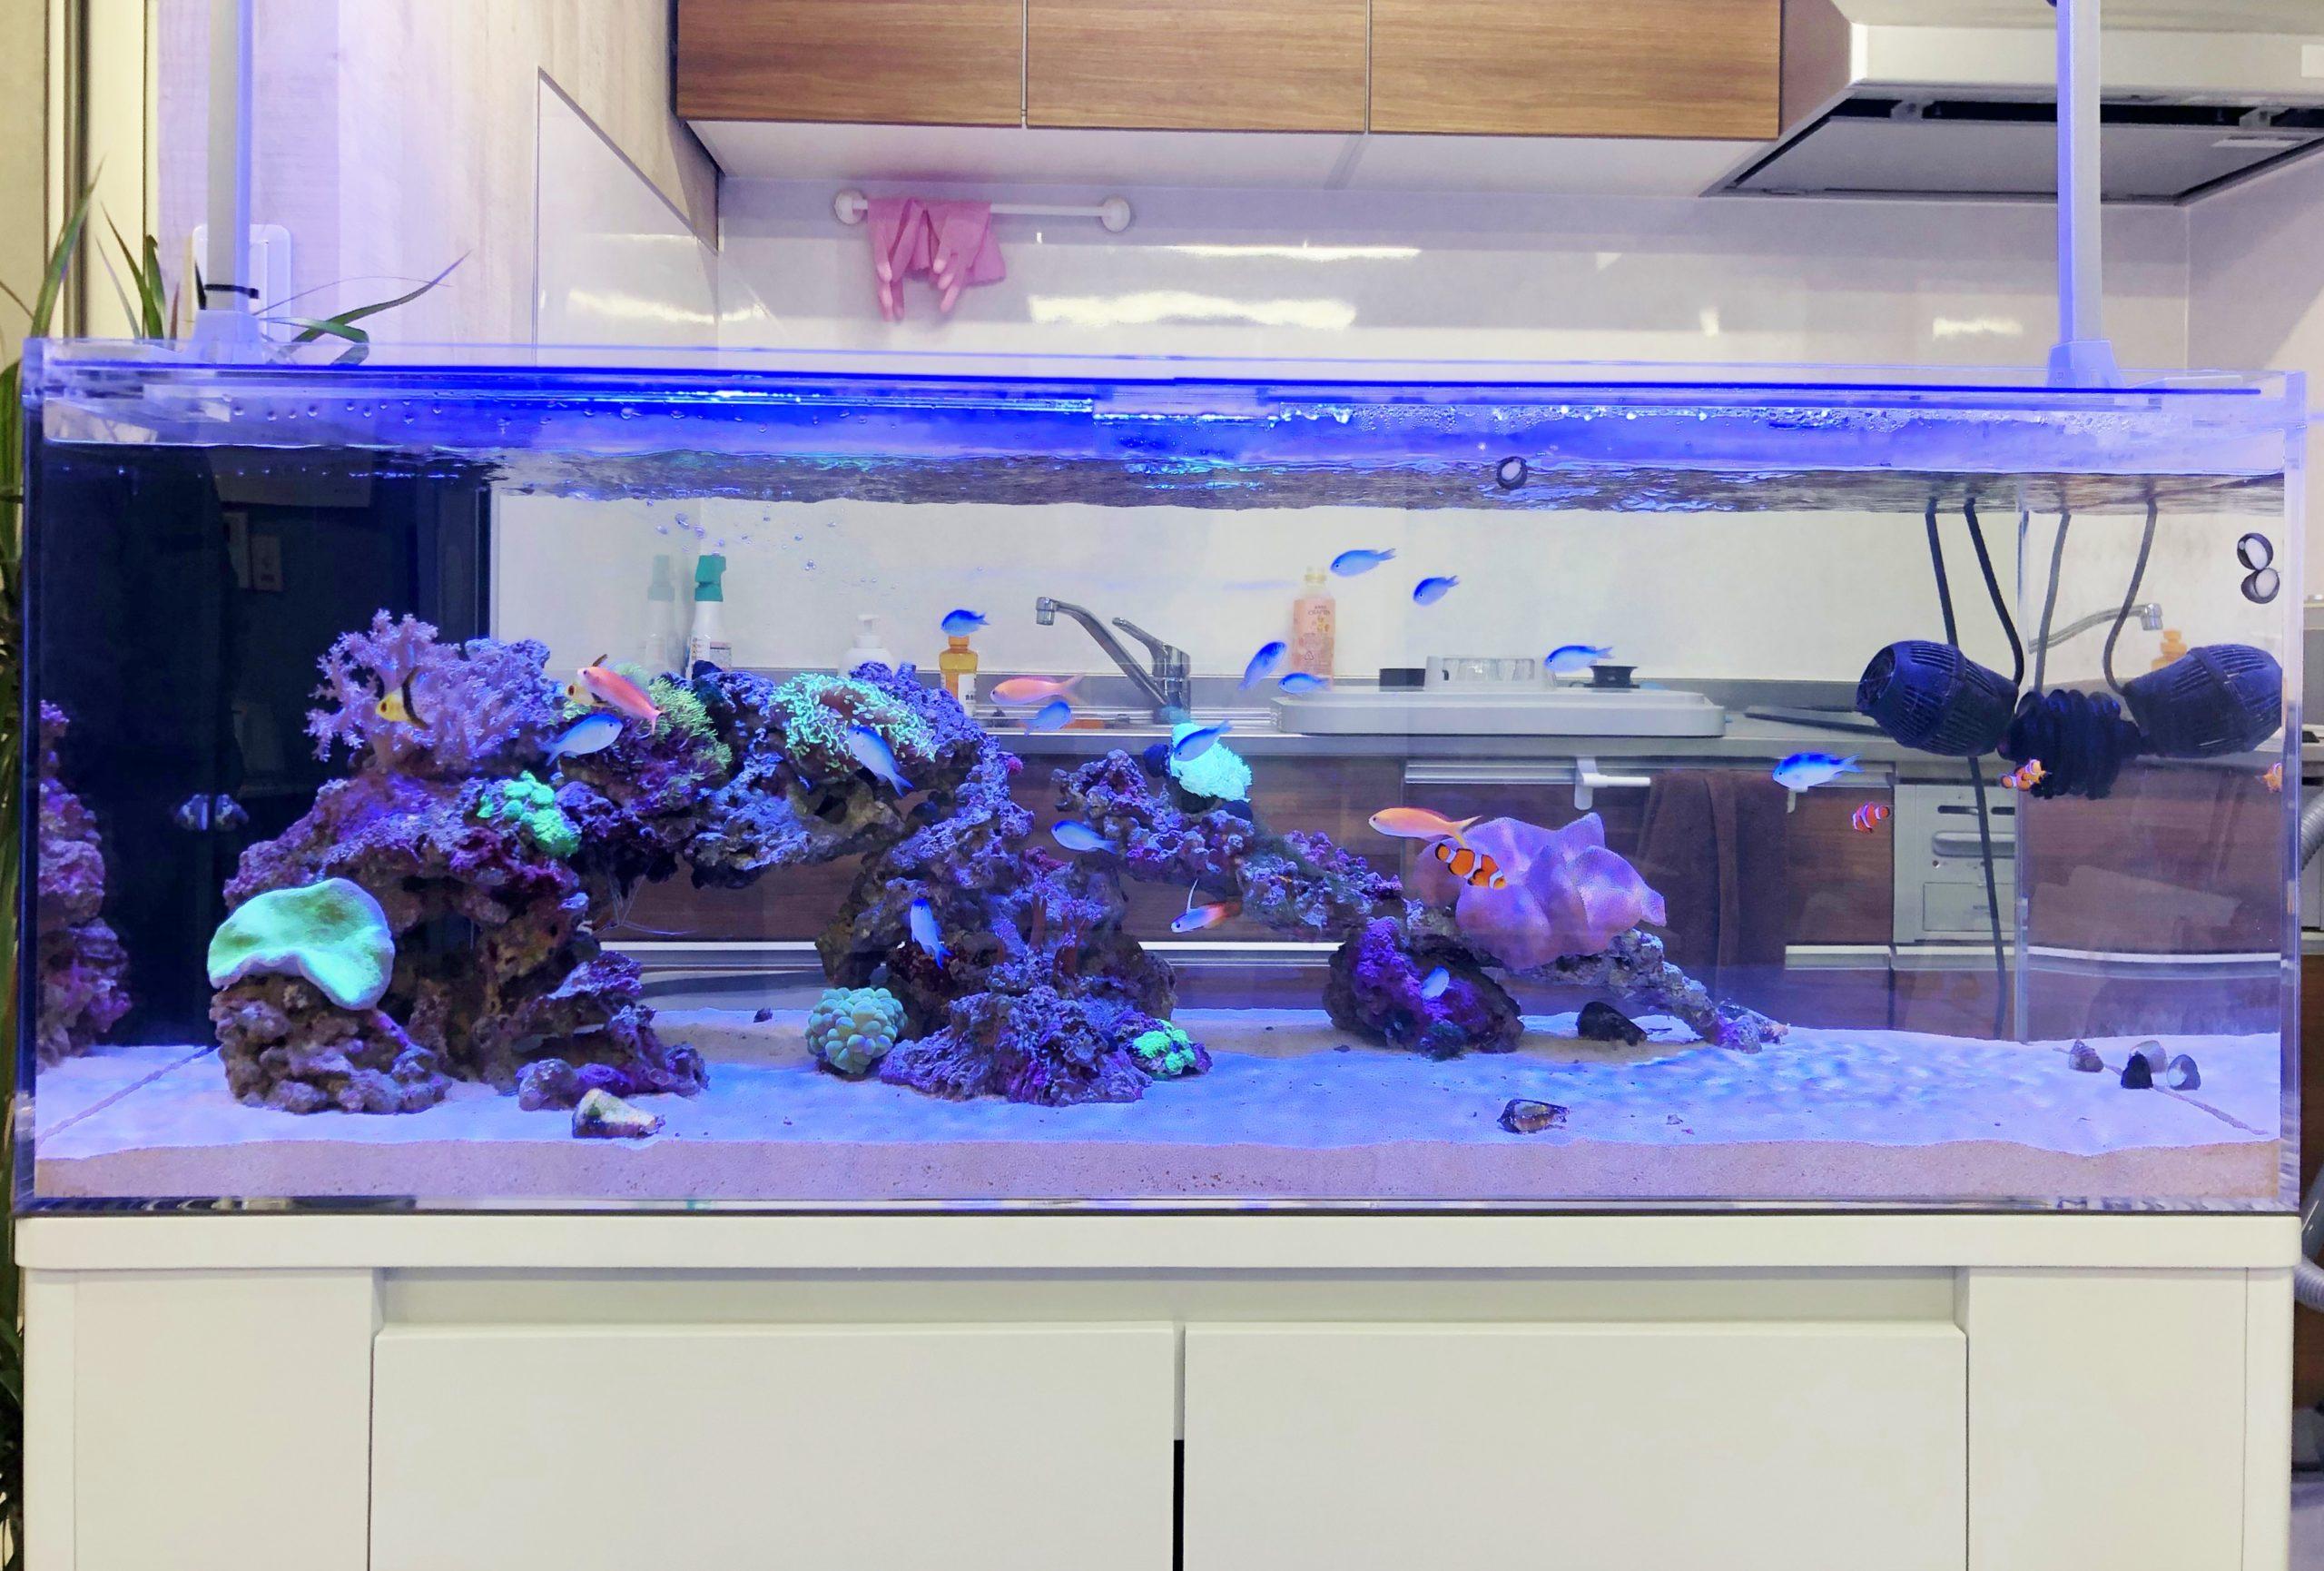 オフィス事務所 120cm海水魚水槽 正面画像